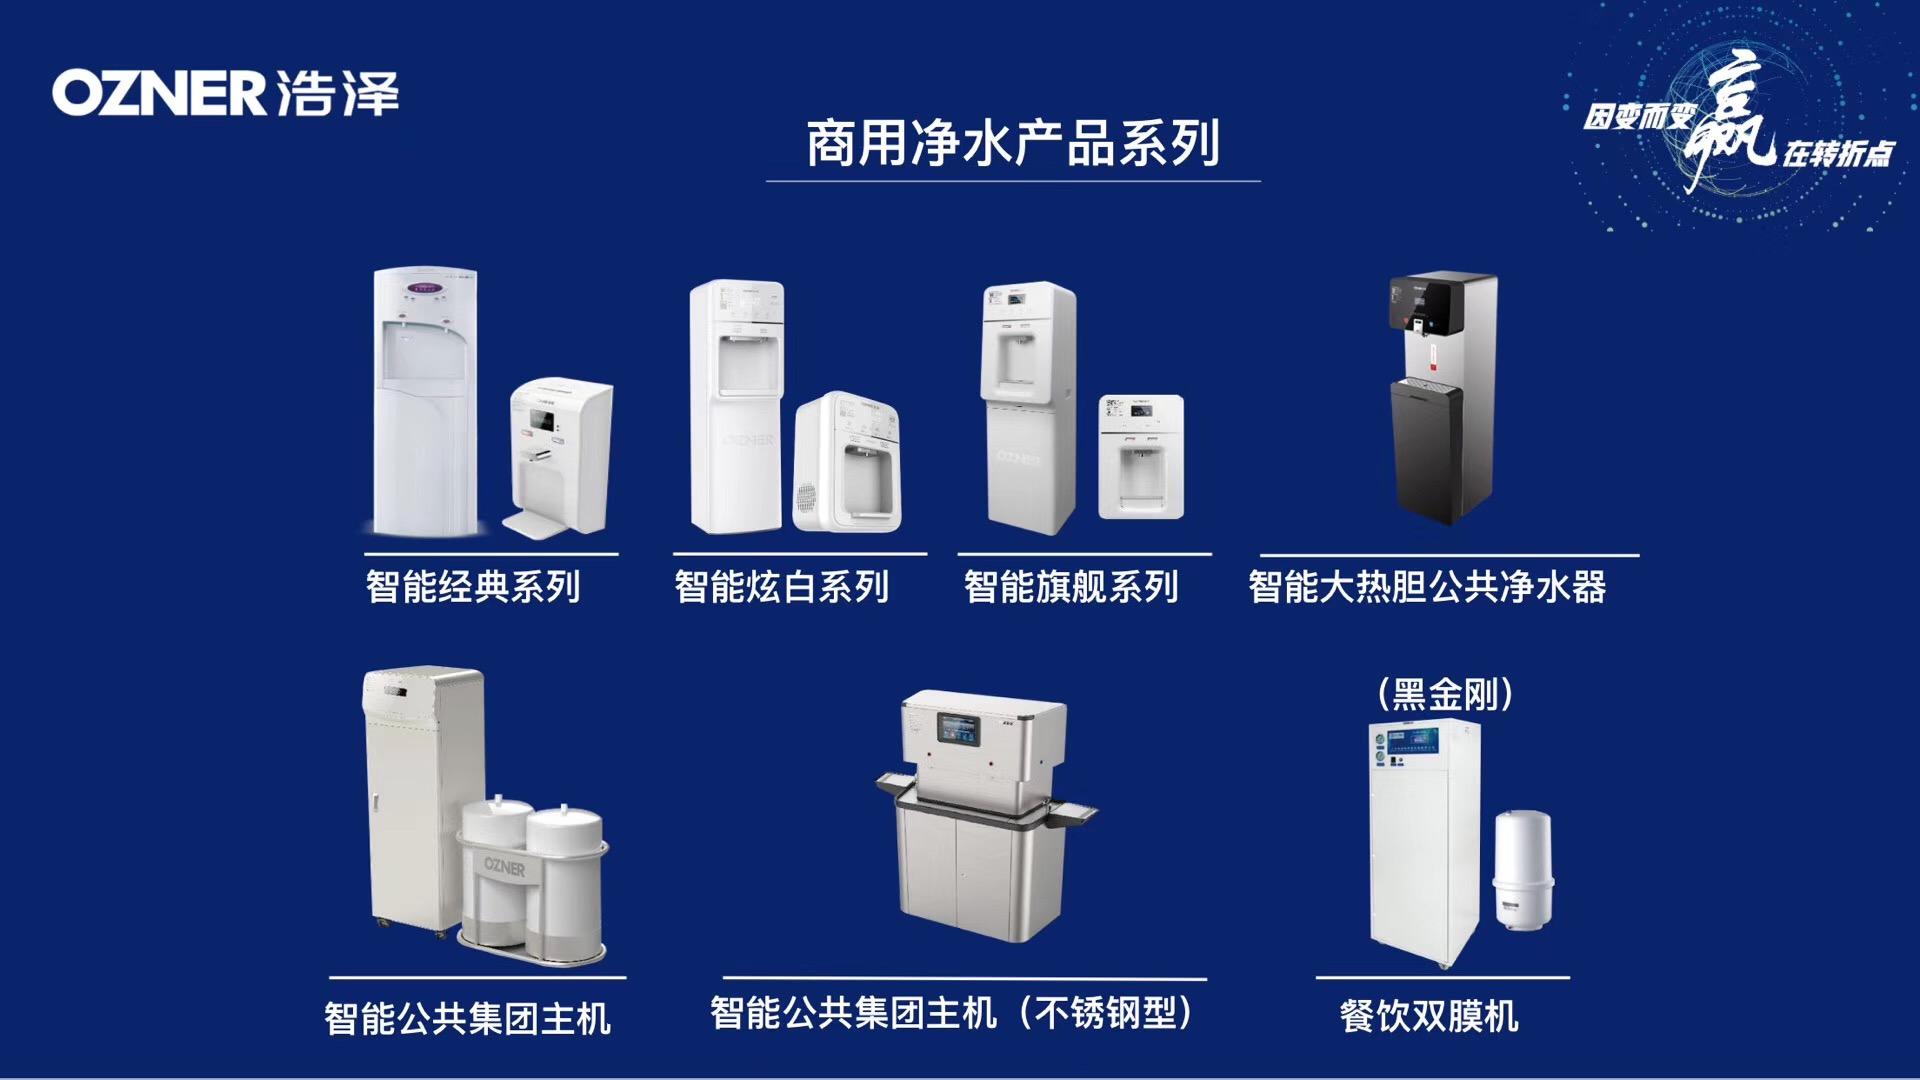 浩泽商用净水解决生产制造工厂饮水